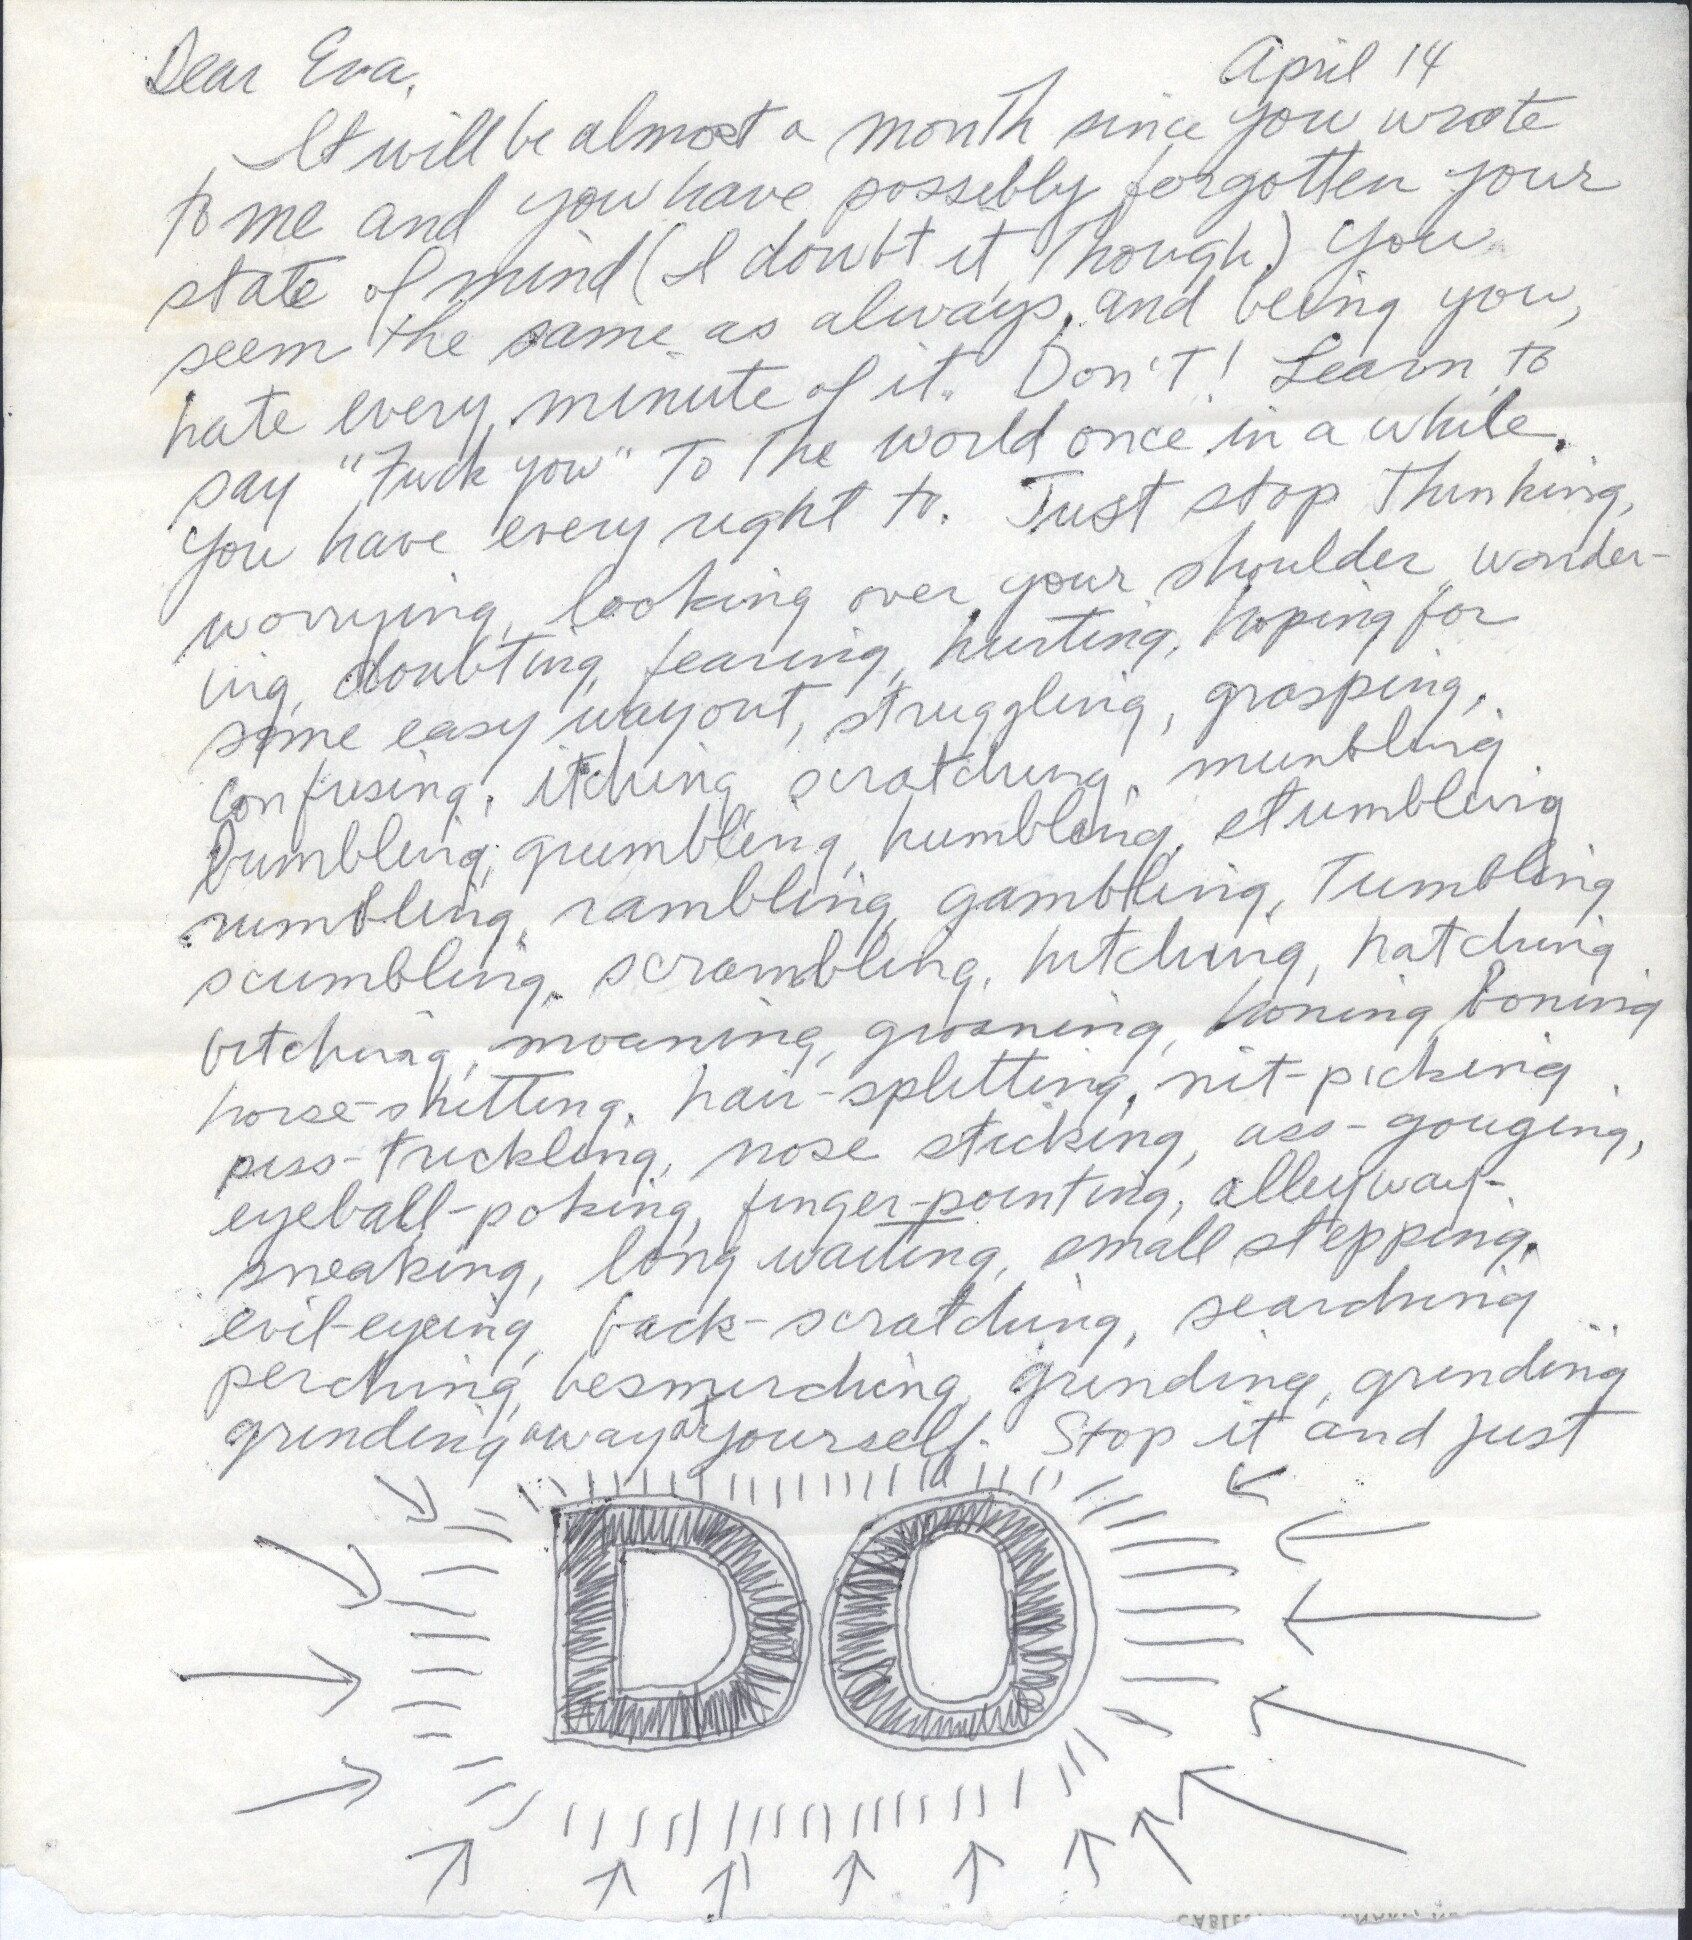 Sol lewitt eve hesse letter